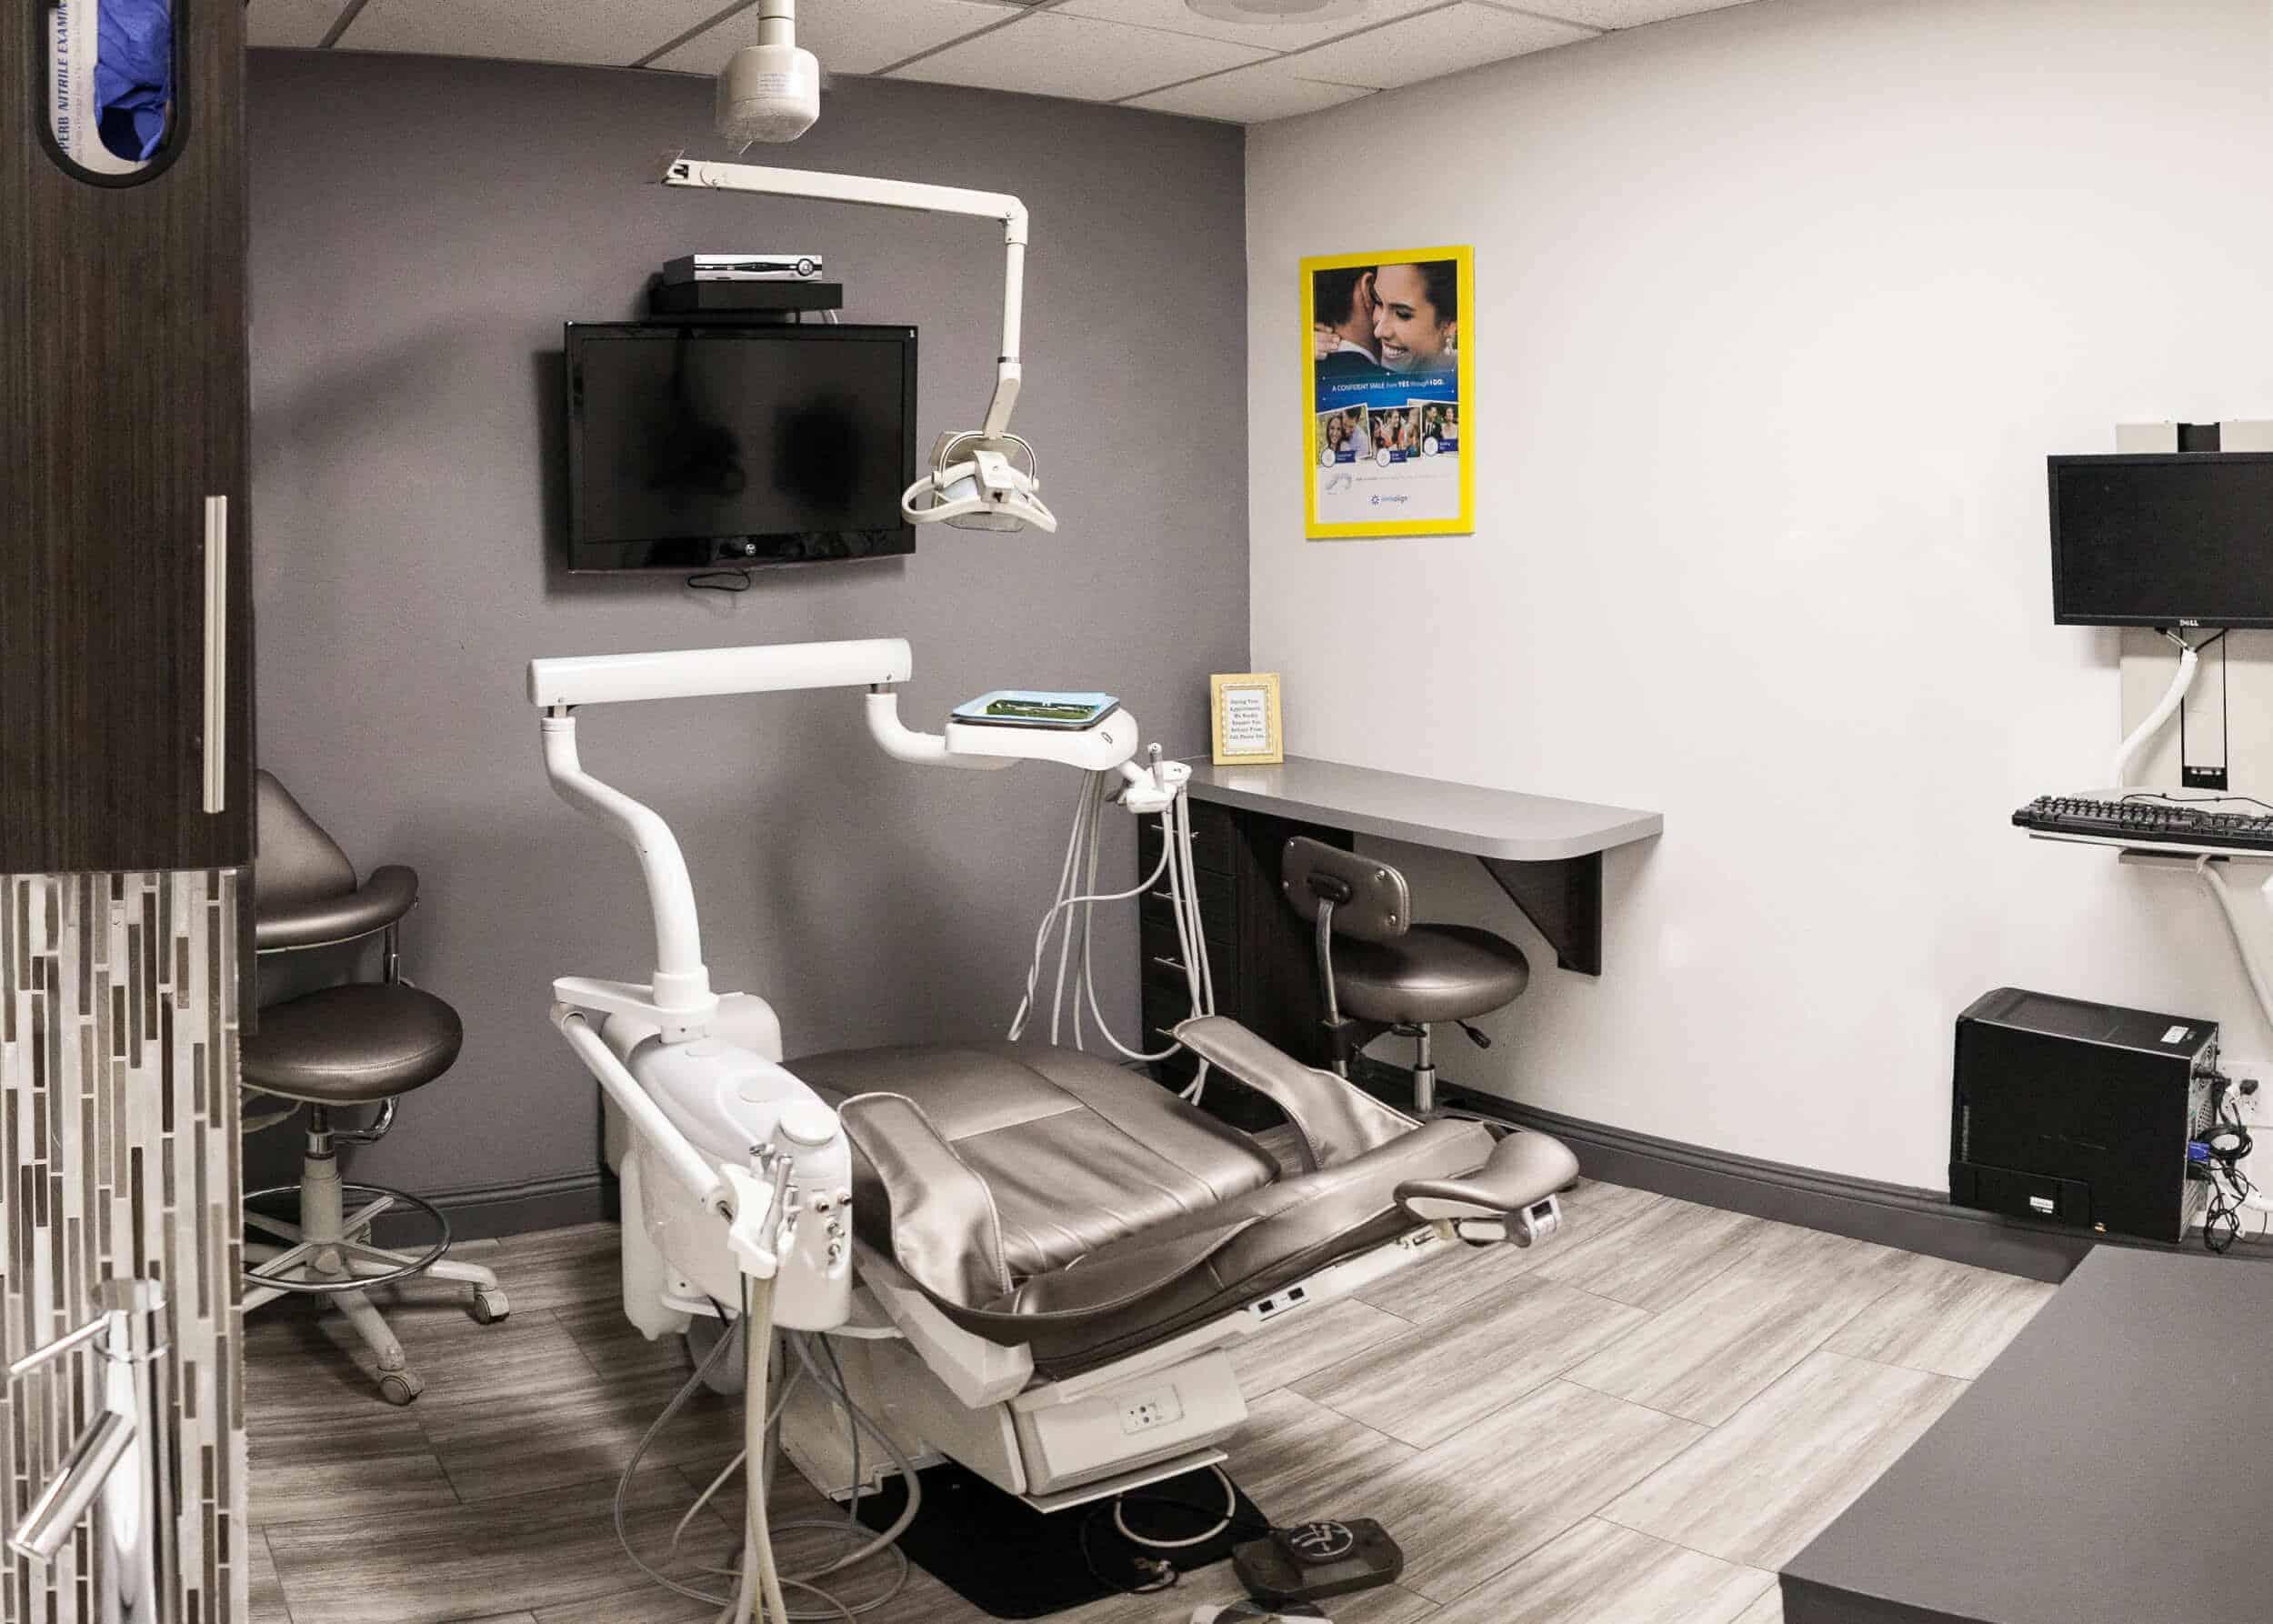 procedure room for dental patients